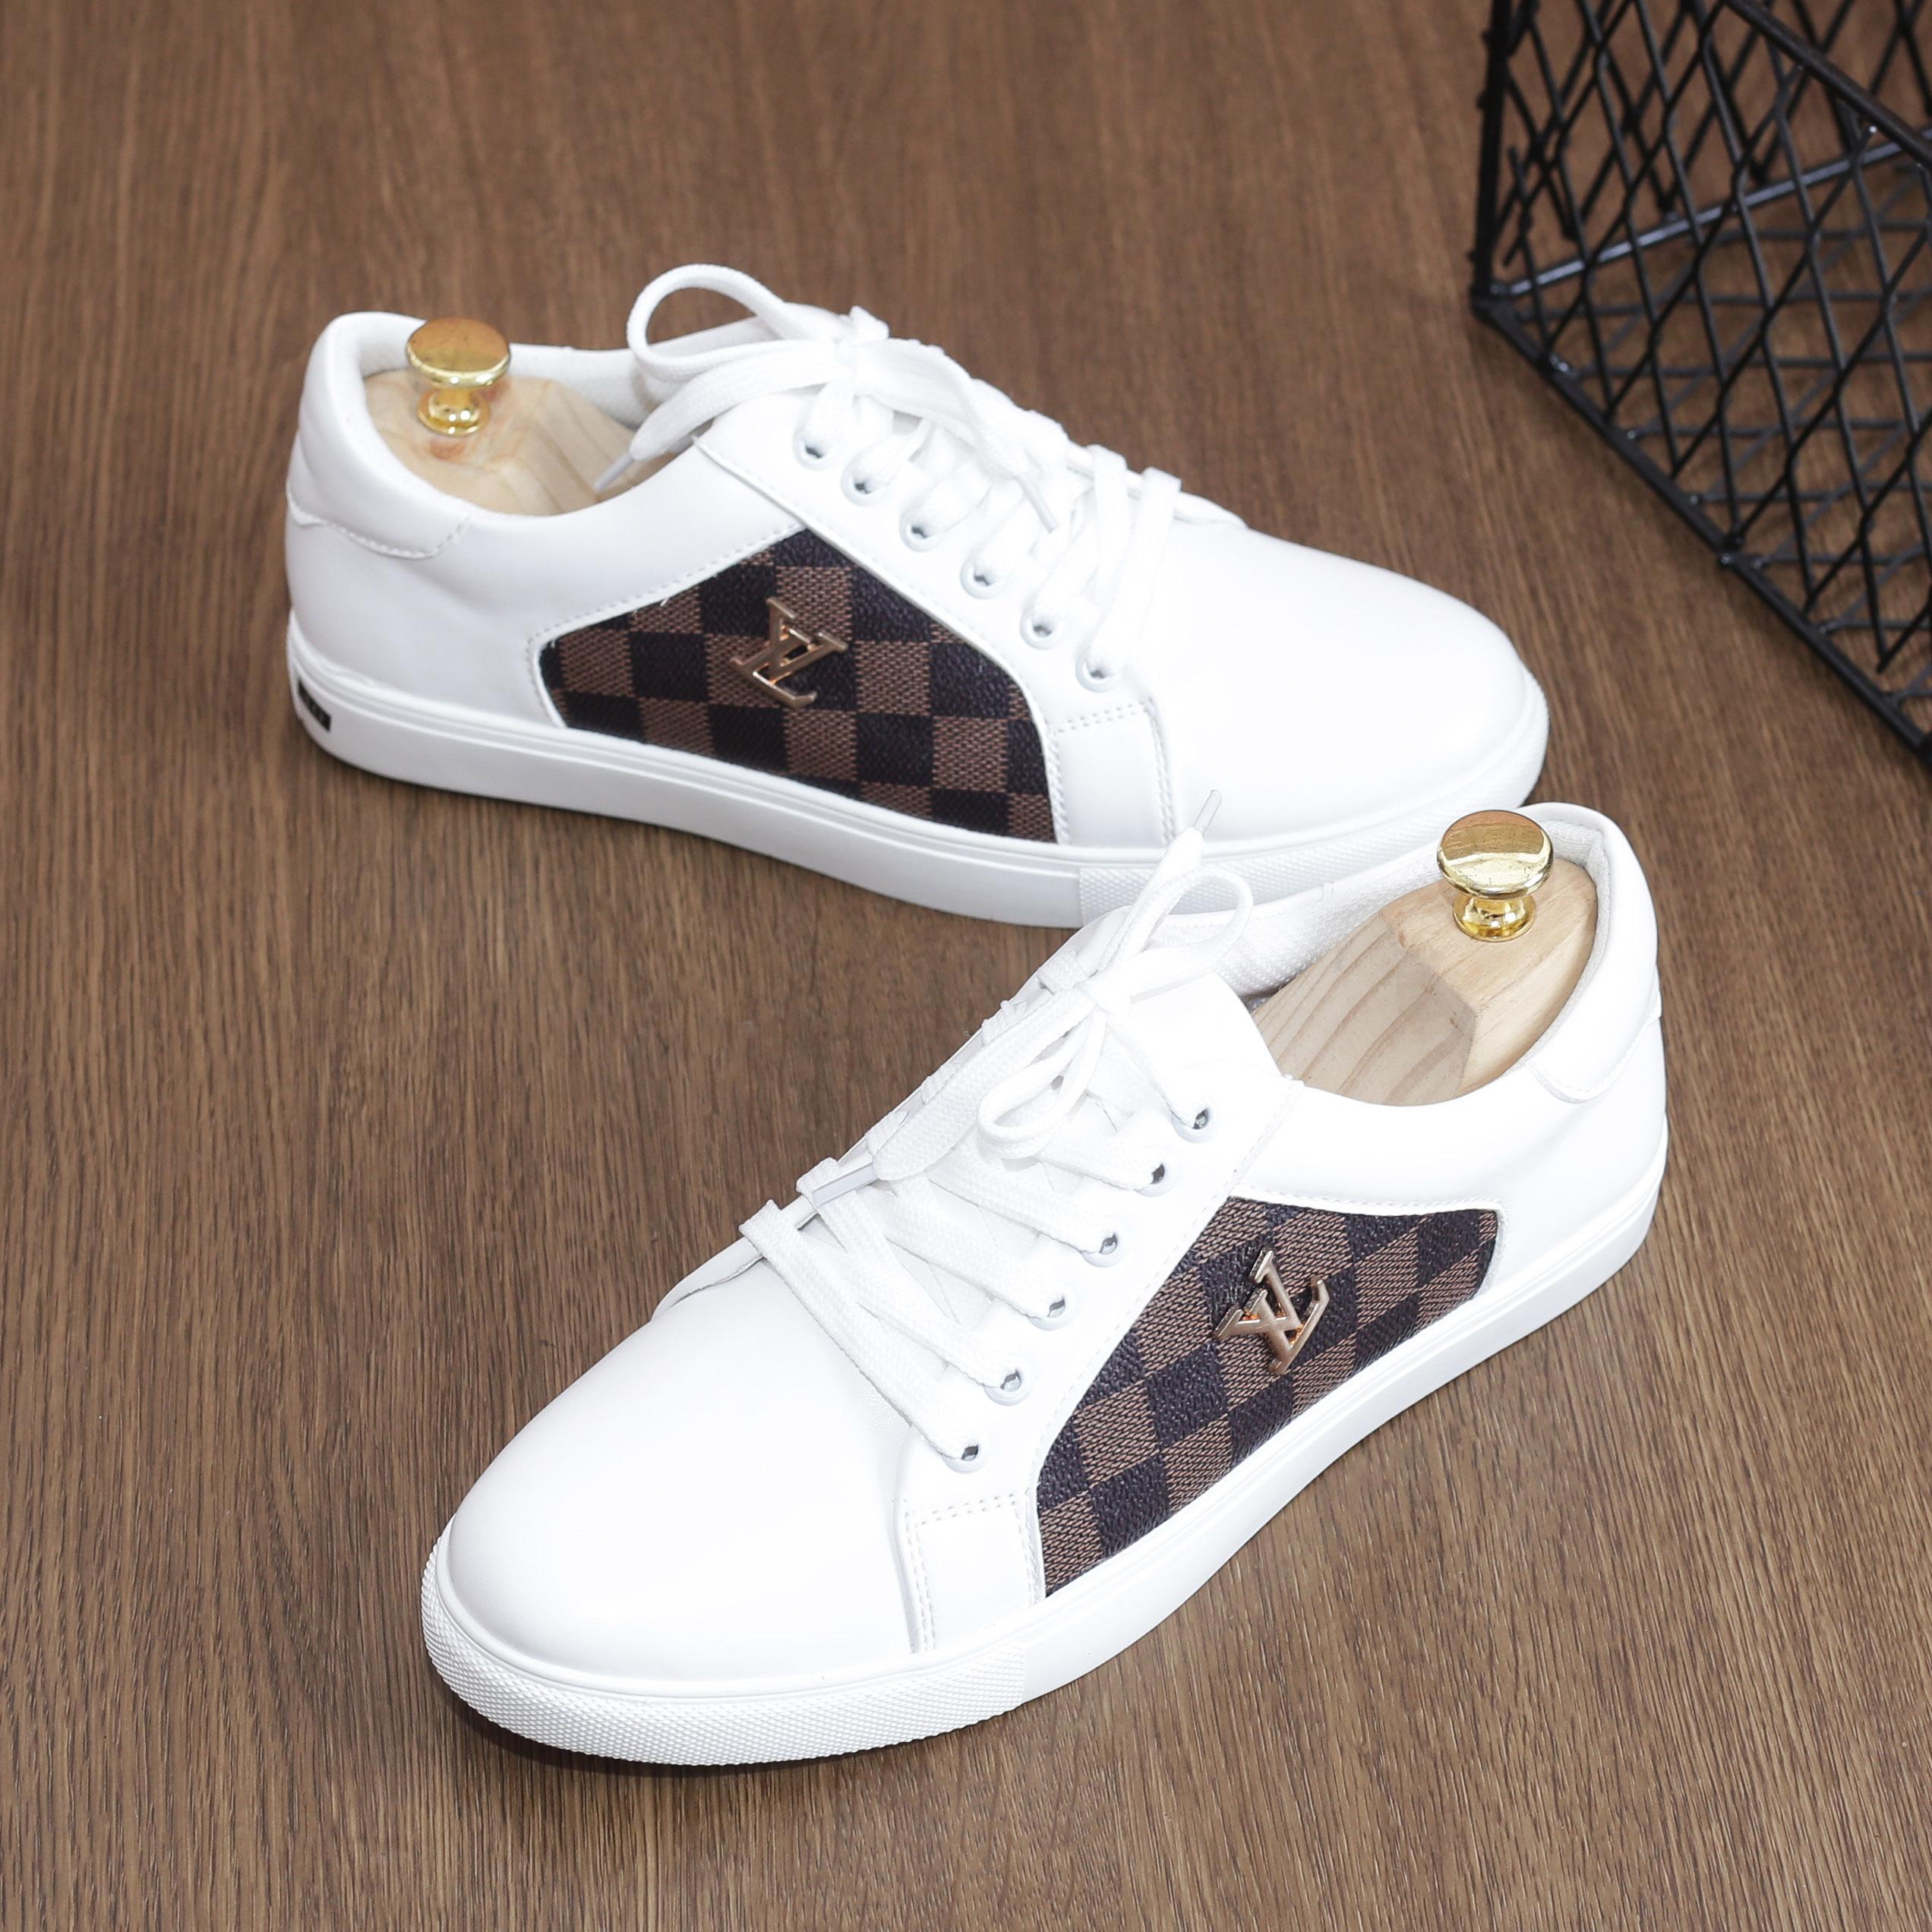 Giày sneaker,Giày sneaker nam thời trang xu hướng mới năm 2019 mã M31.Tặng tất lửa nano khử mùi